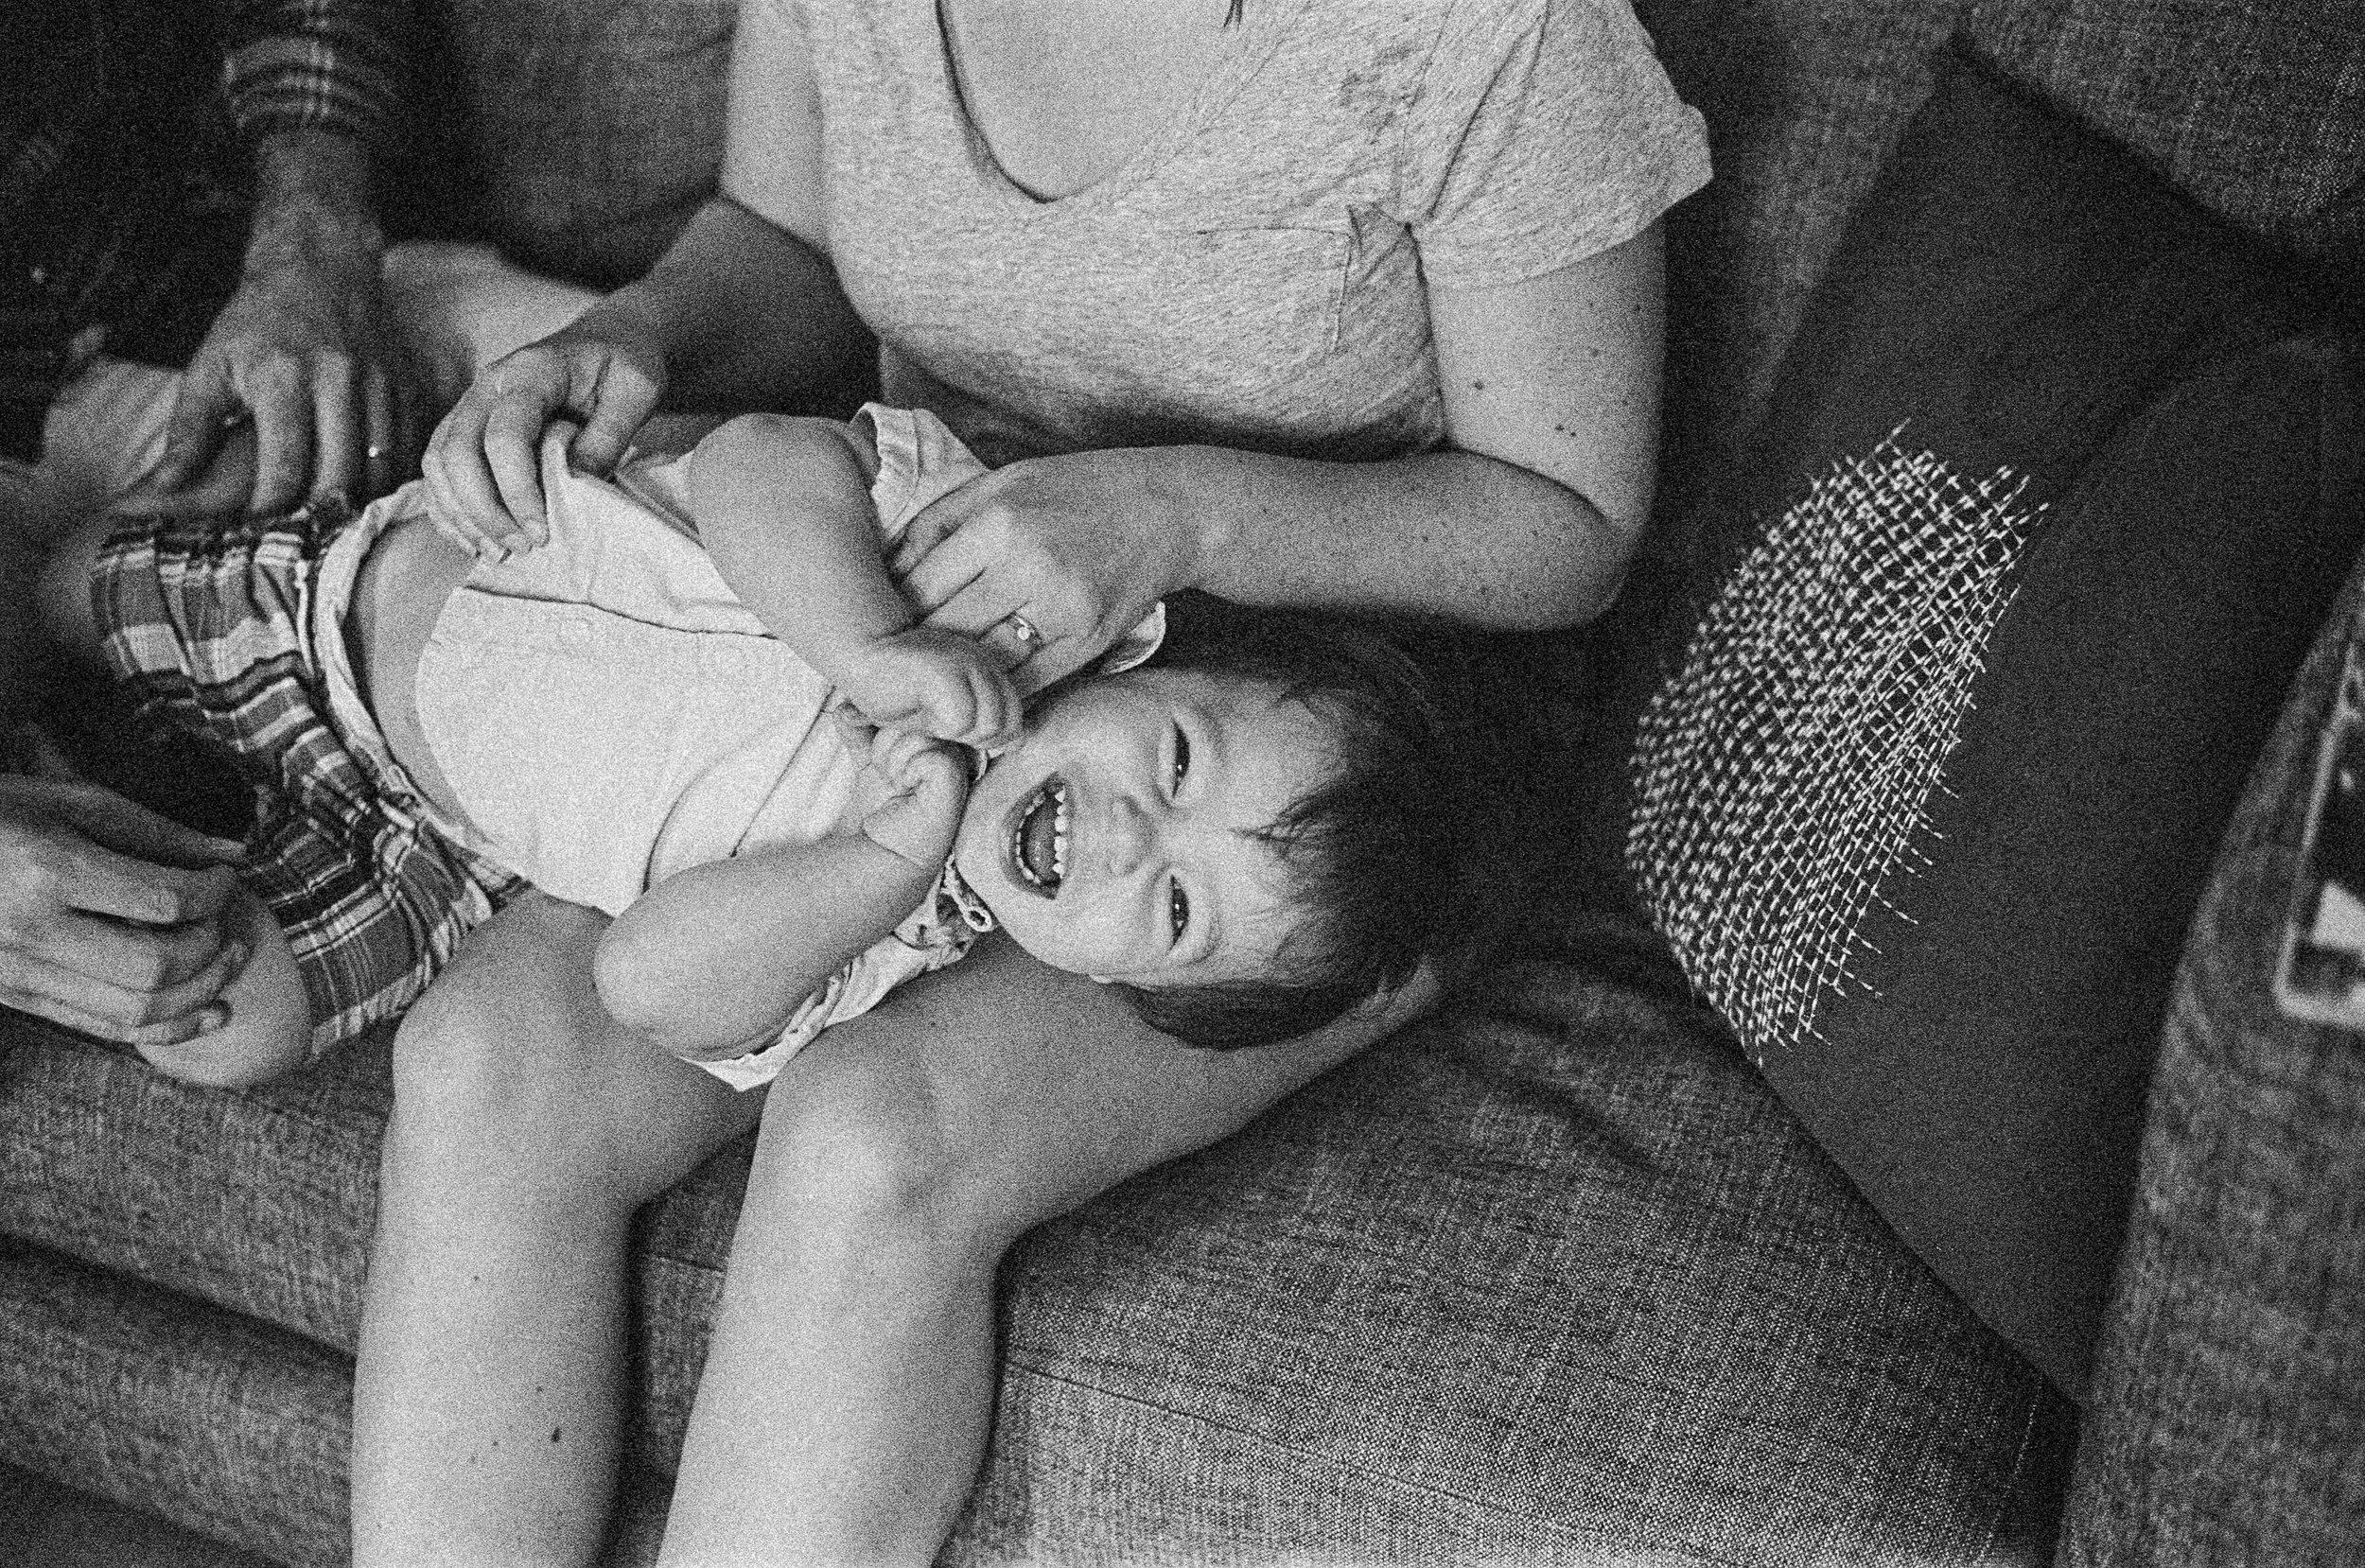 family_portrait_couch_35mm_trix400